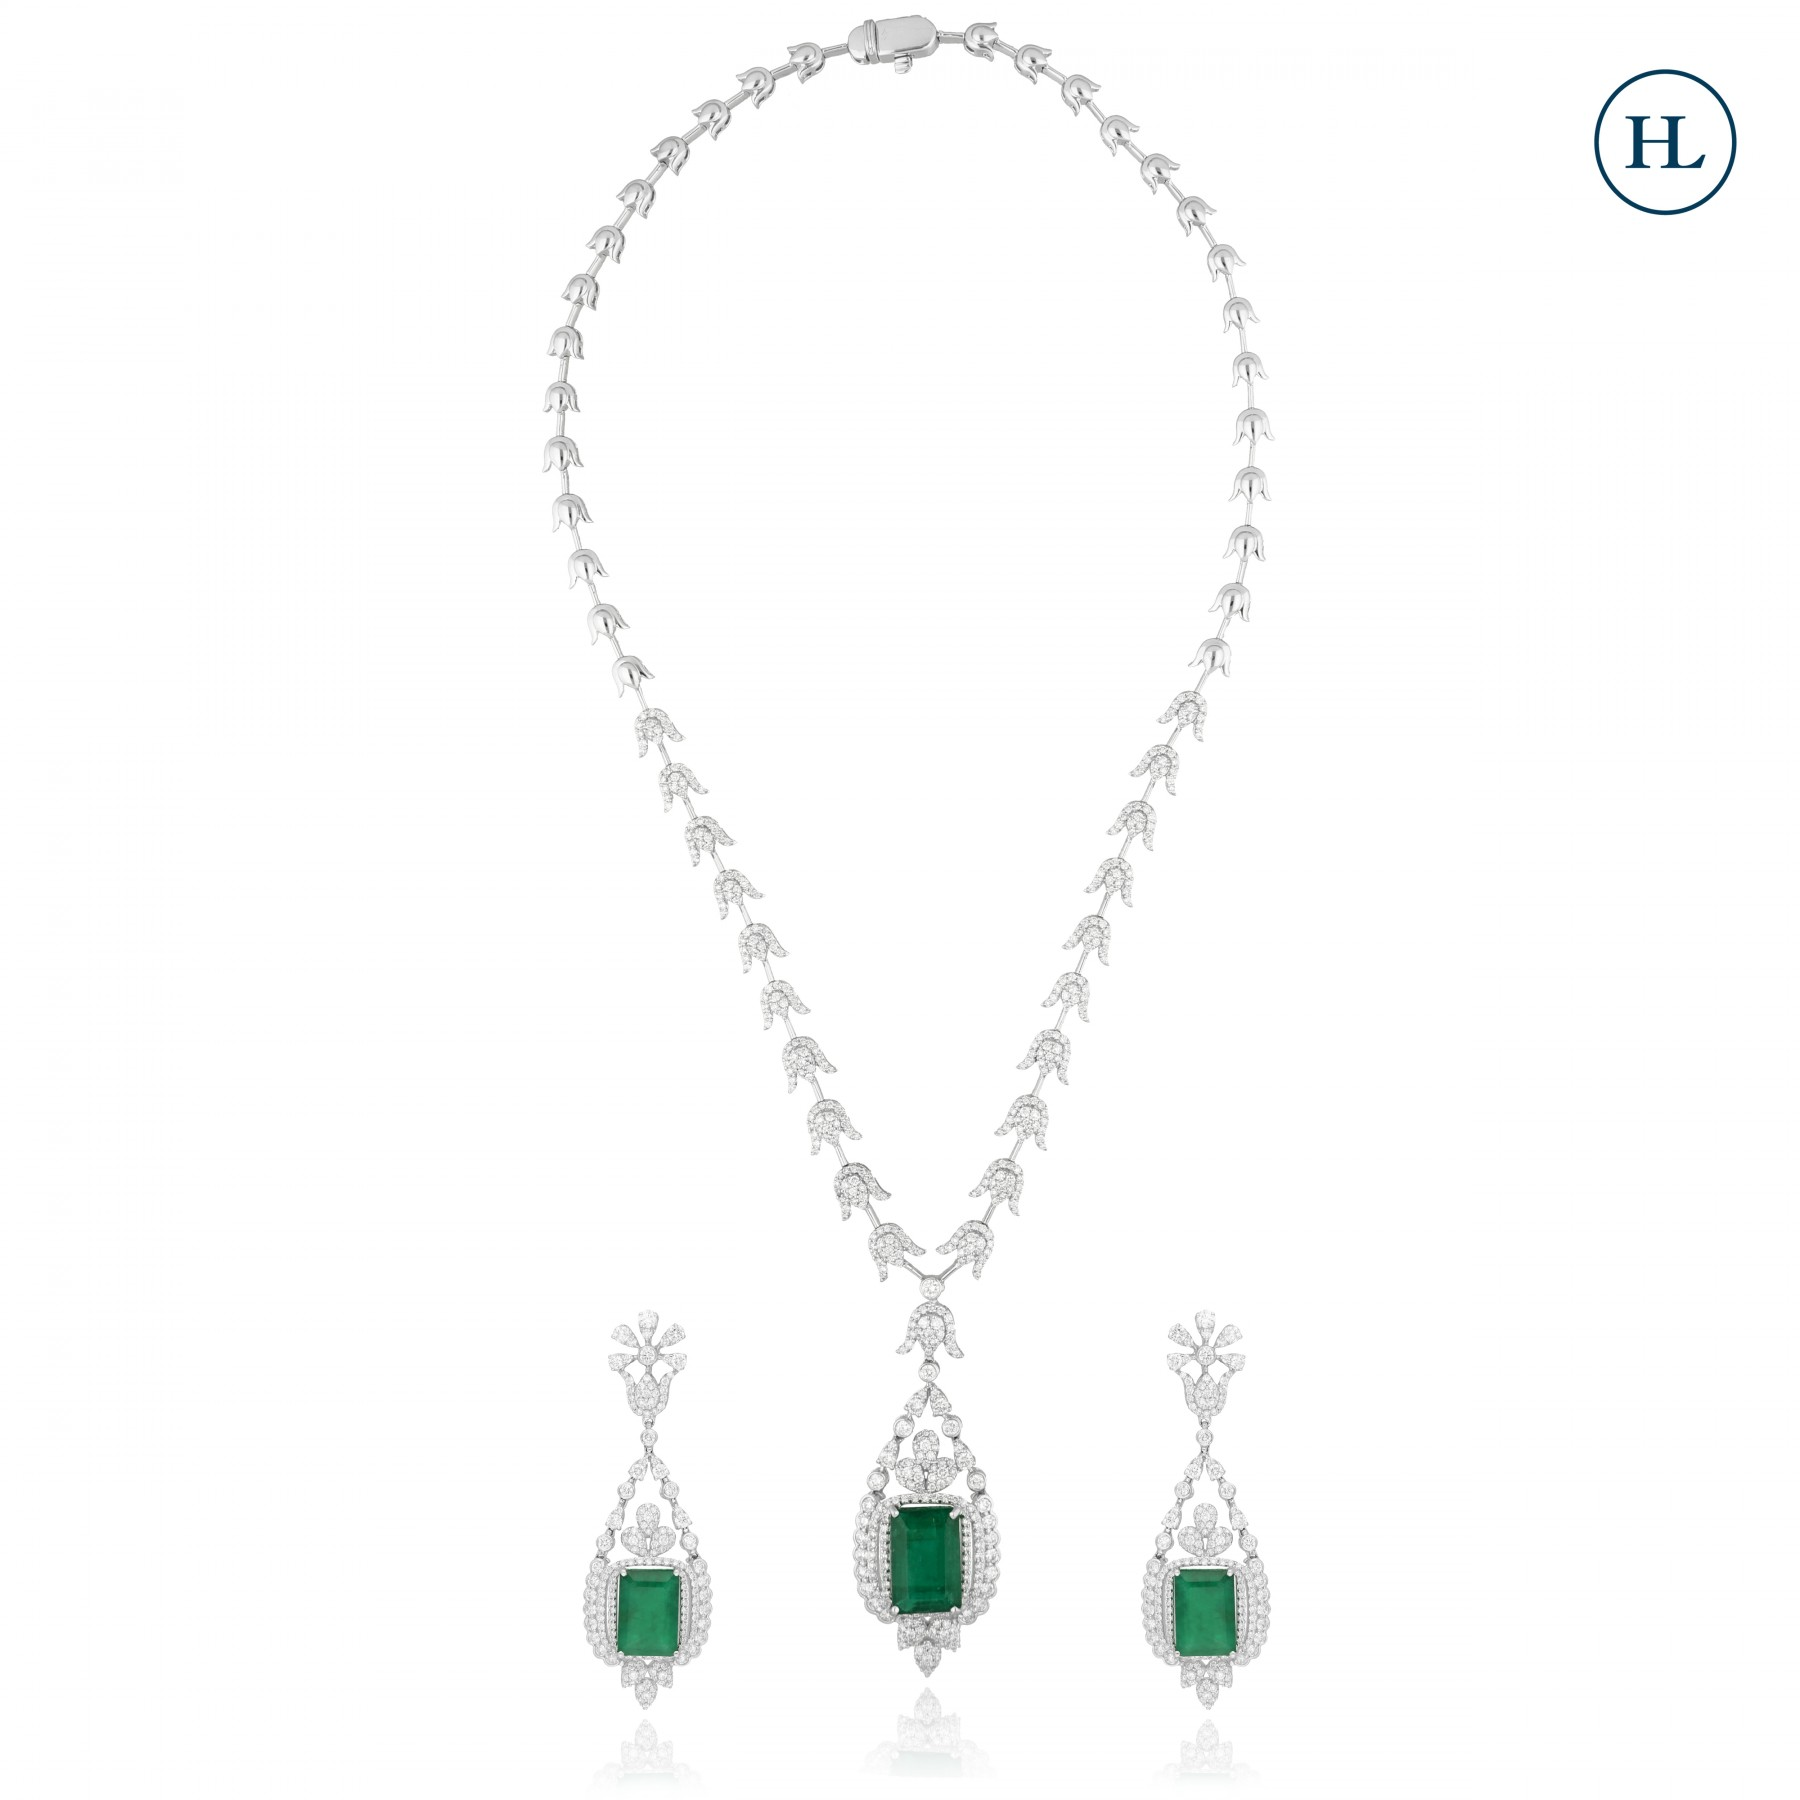 Emerald & Diamond Necklace Set